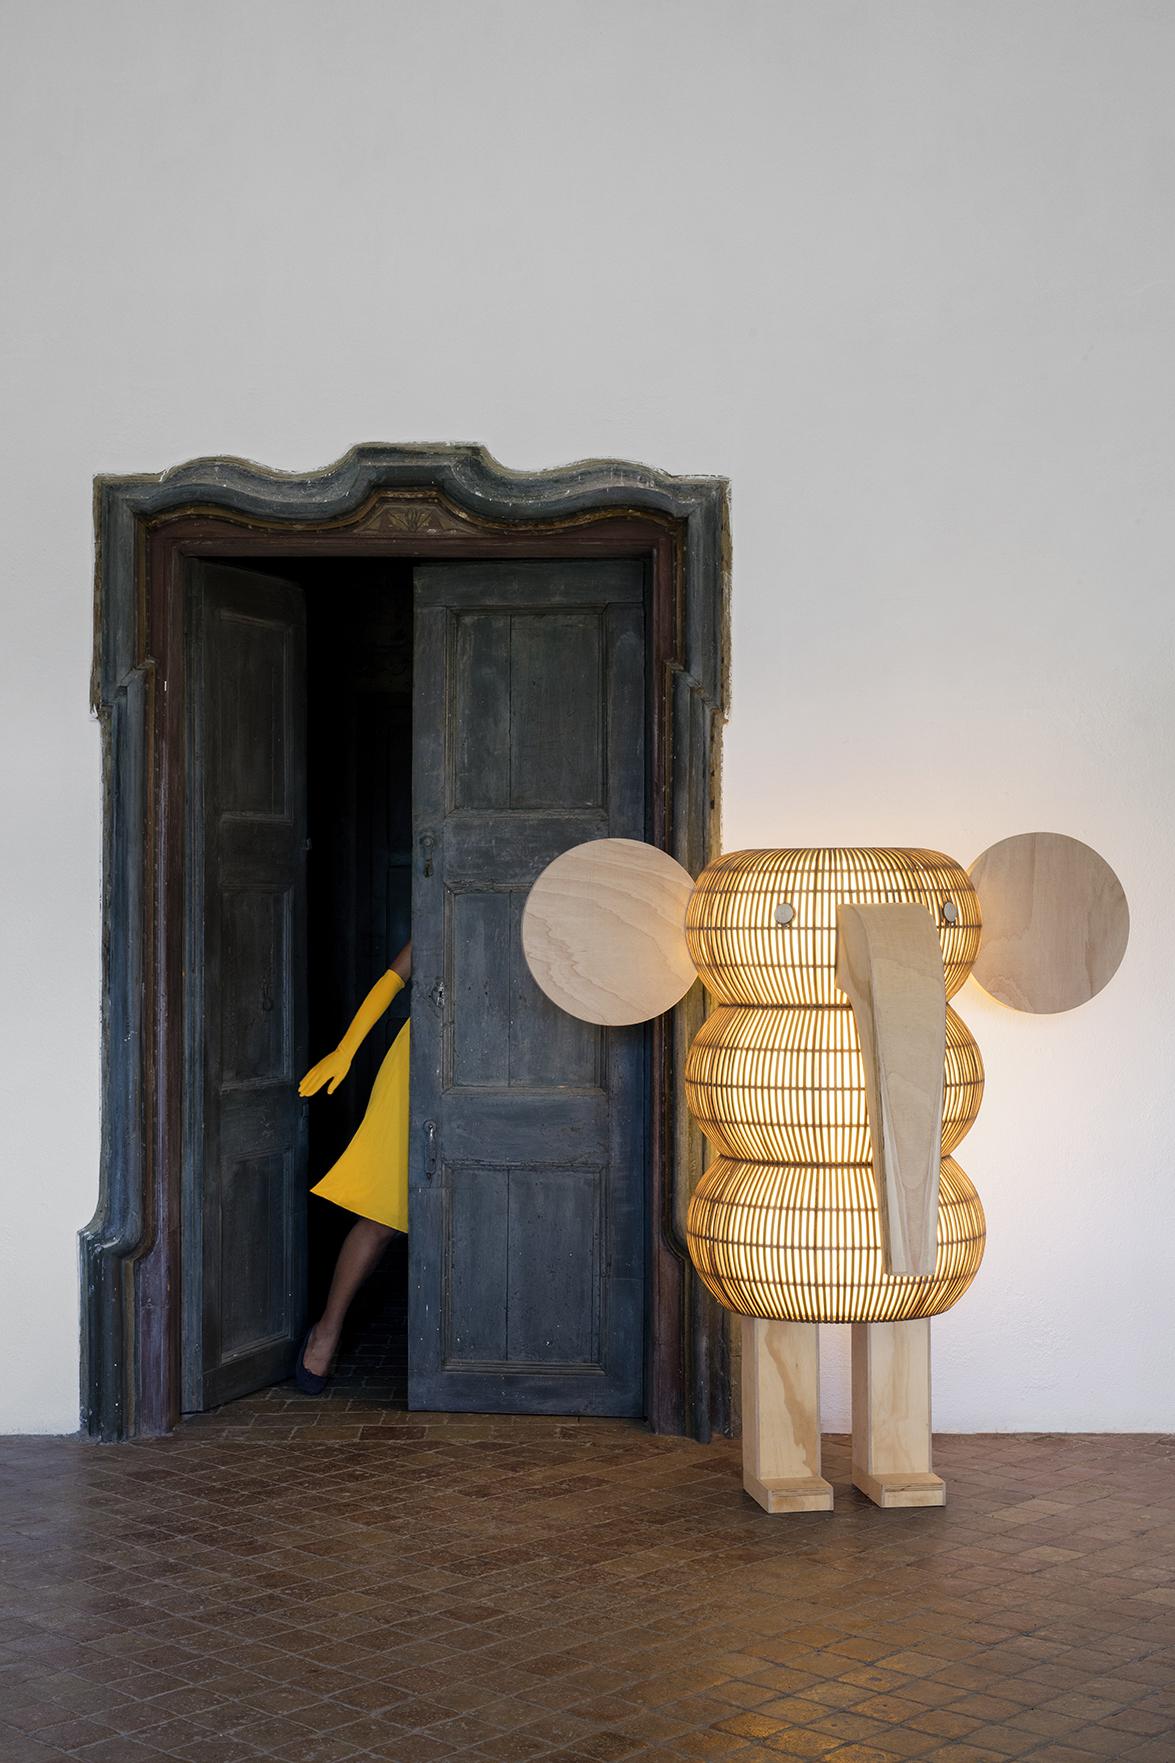 lzf_lamps_klunderbie_photos_elephant_floor1